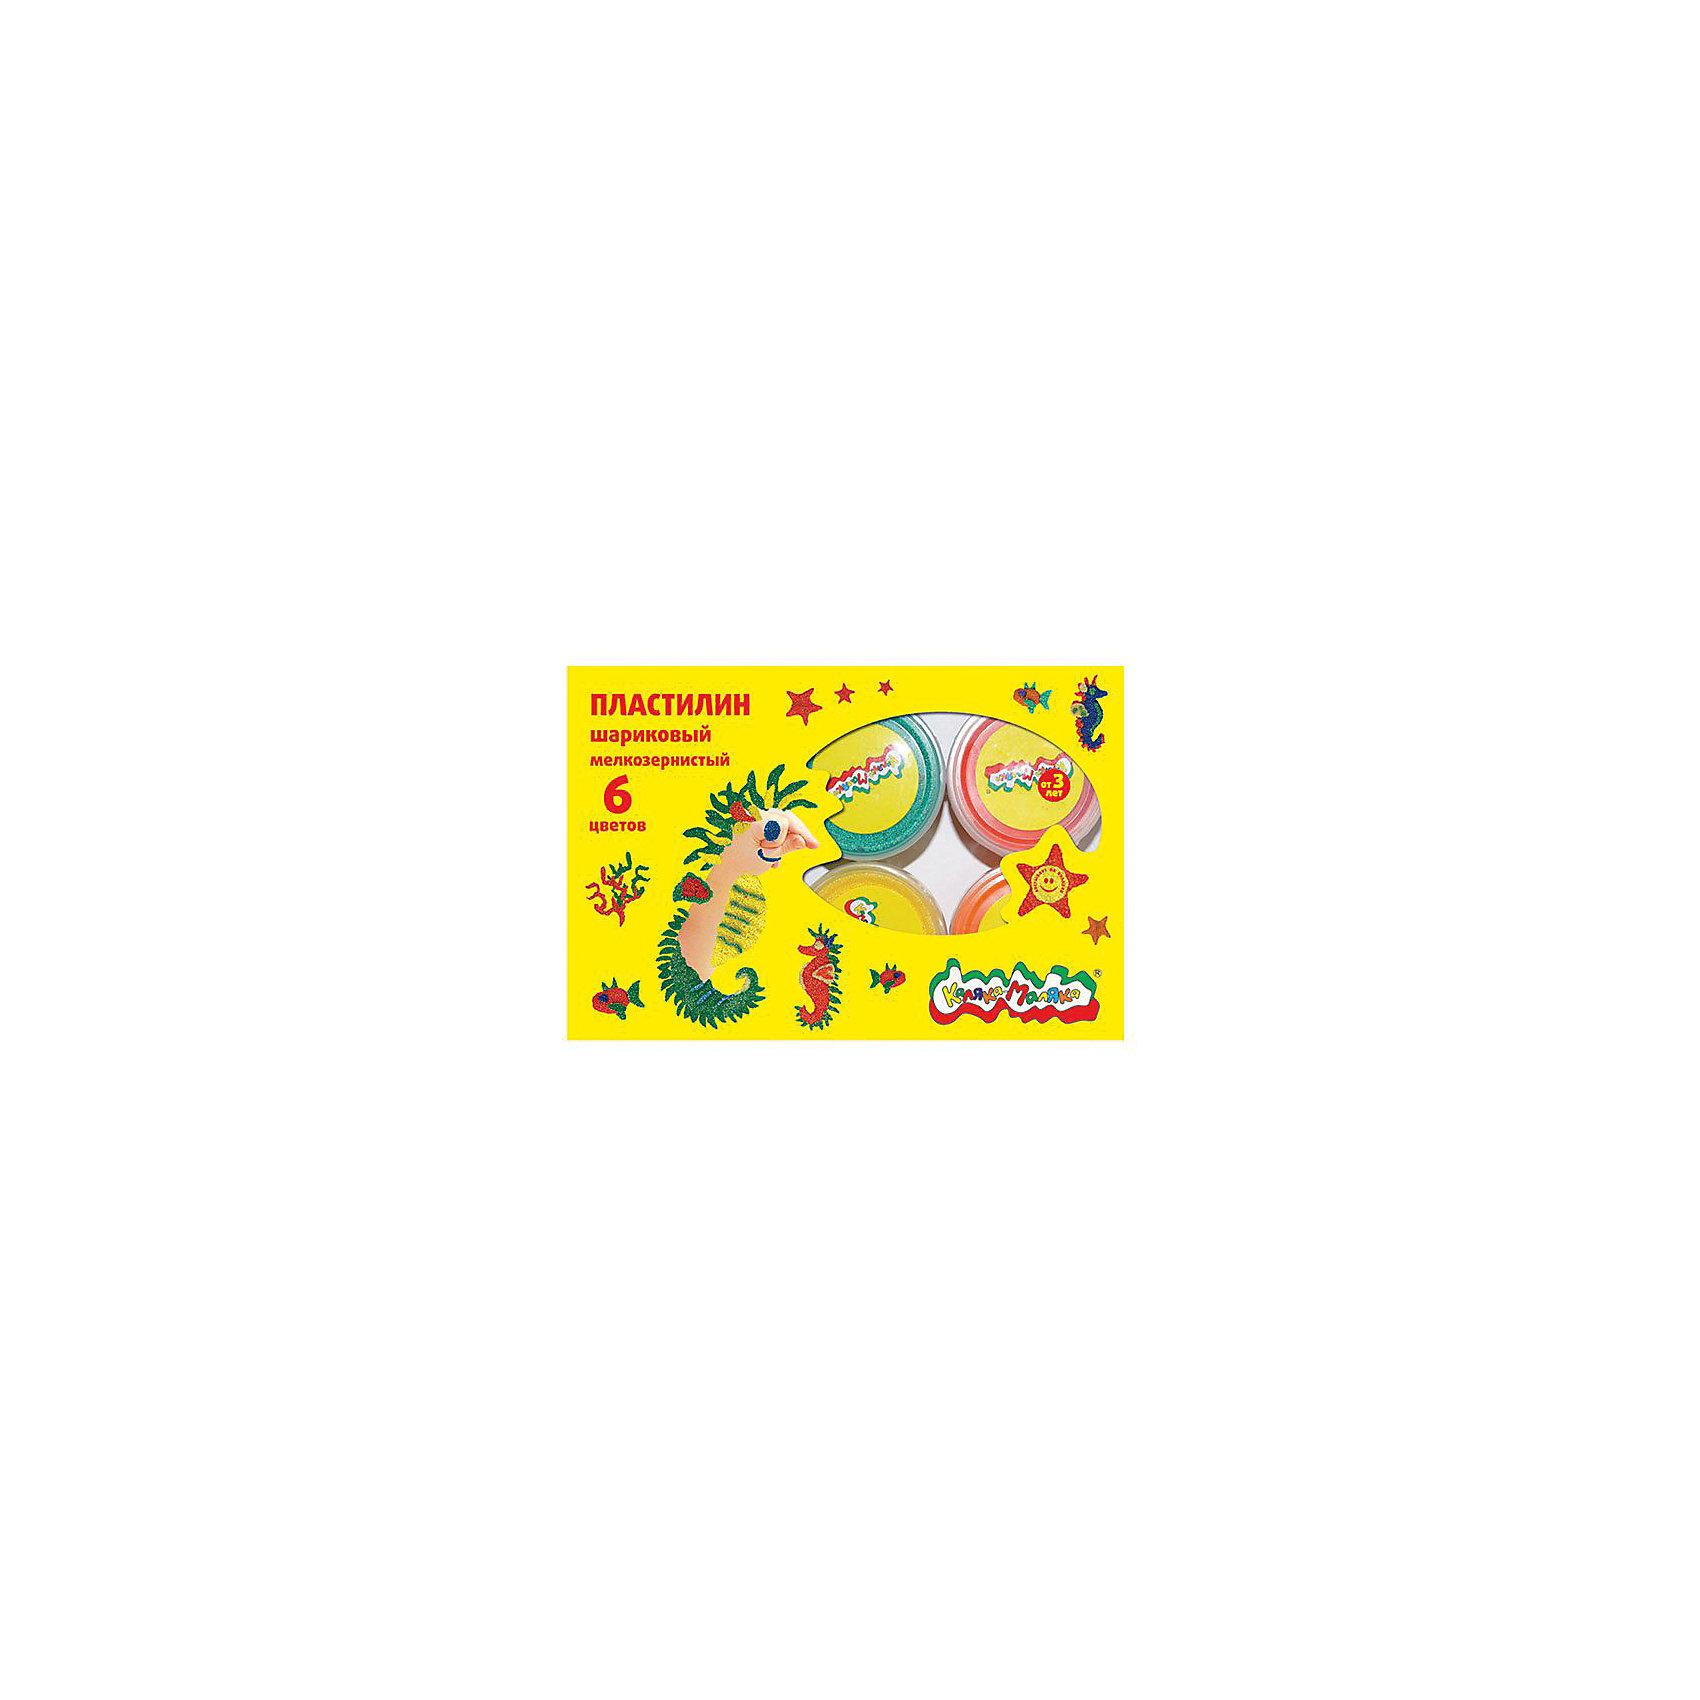 Шариковый пластилин 6 цветовЛепка<br>Маленькие шарики, из которых состоит этот пластилин, соединены между собой гелевым раствором, который не прилипает к рукам, но позволяет легко склеивать вылепленные элементы между собой. Пластилин воздушный, пластичный и при лепке приятно массирует ладошки. Идеально подходит для заполнения витражей, декорирования поделок из массы для лепки и создания аппликаций на картоне. Для создания объемных поделок необходимо использовать твердую основу или вначале слегка подсушить пластилин на воздухе. Перед применением полностью извлечь из баночки и перемешать до равномерного распределения геля между пенопластовыми шариками. Пластилин застывает на воздухе в течение 3-12 часов в зависимости от размера поделки. Классические наборы шарикового мелкозернистого пластилина Каляка-Маляка содержат 33 г пластилина каждого цвета. В ассортименте имеются наборы из 6 цветов - (красный, синий, зеленый, желтый, белый, черный)<br><br>Ширина мм: 212<br>Глубина мм: 180<br>Высота мм: 40<br>Вес г: 265<br>Возраст от месяцев: 36<br>Возраст до месяцев: 108<br>Пол: Унисекс<br>Возраст: Детский<br>SKU: 5188791